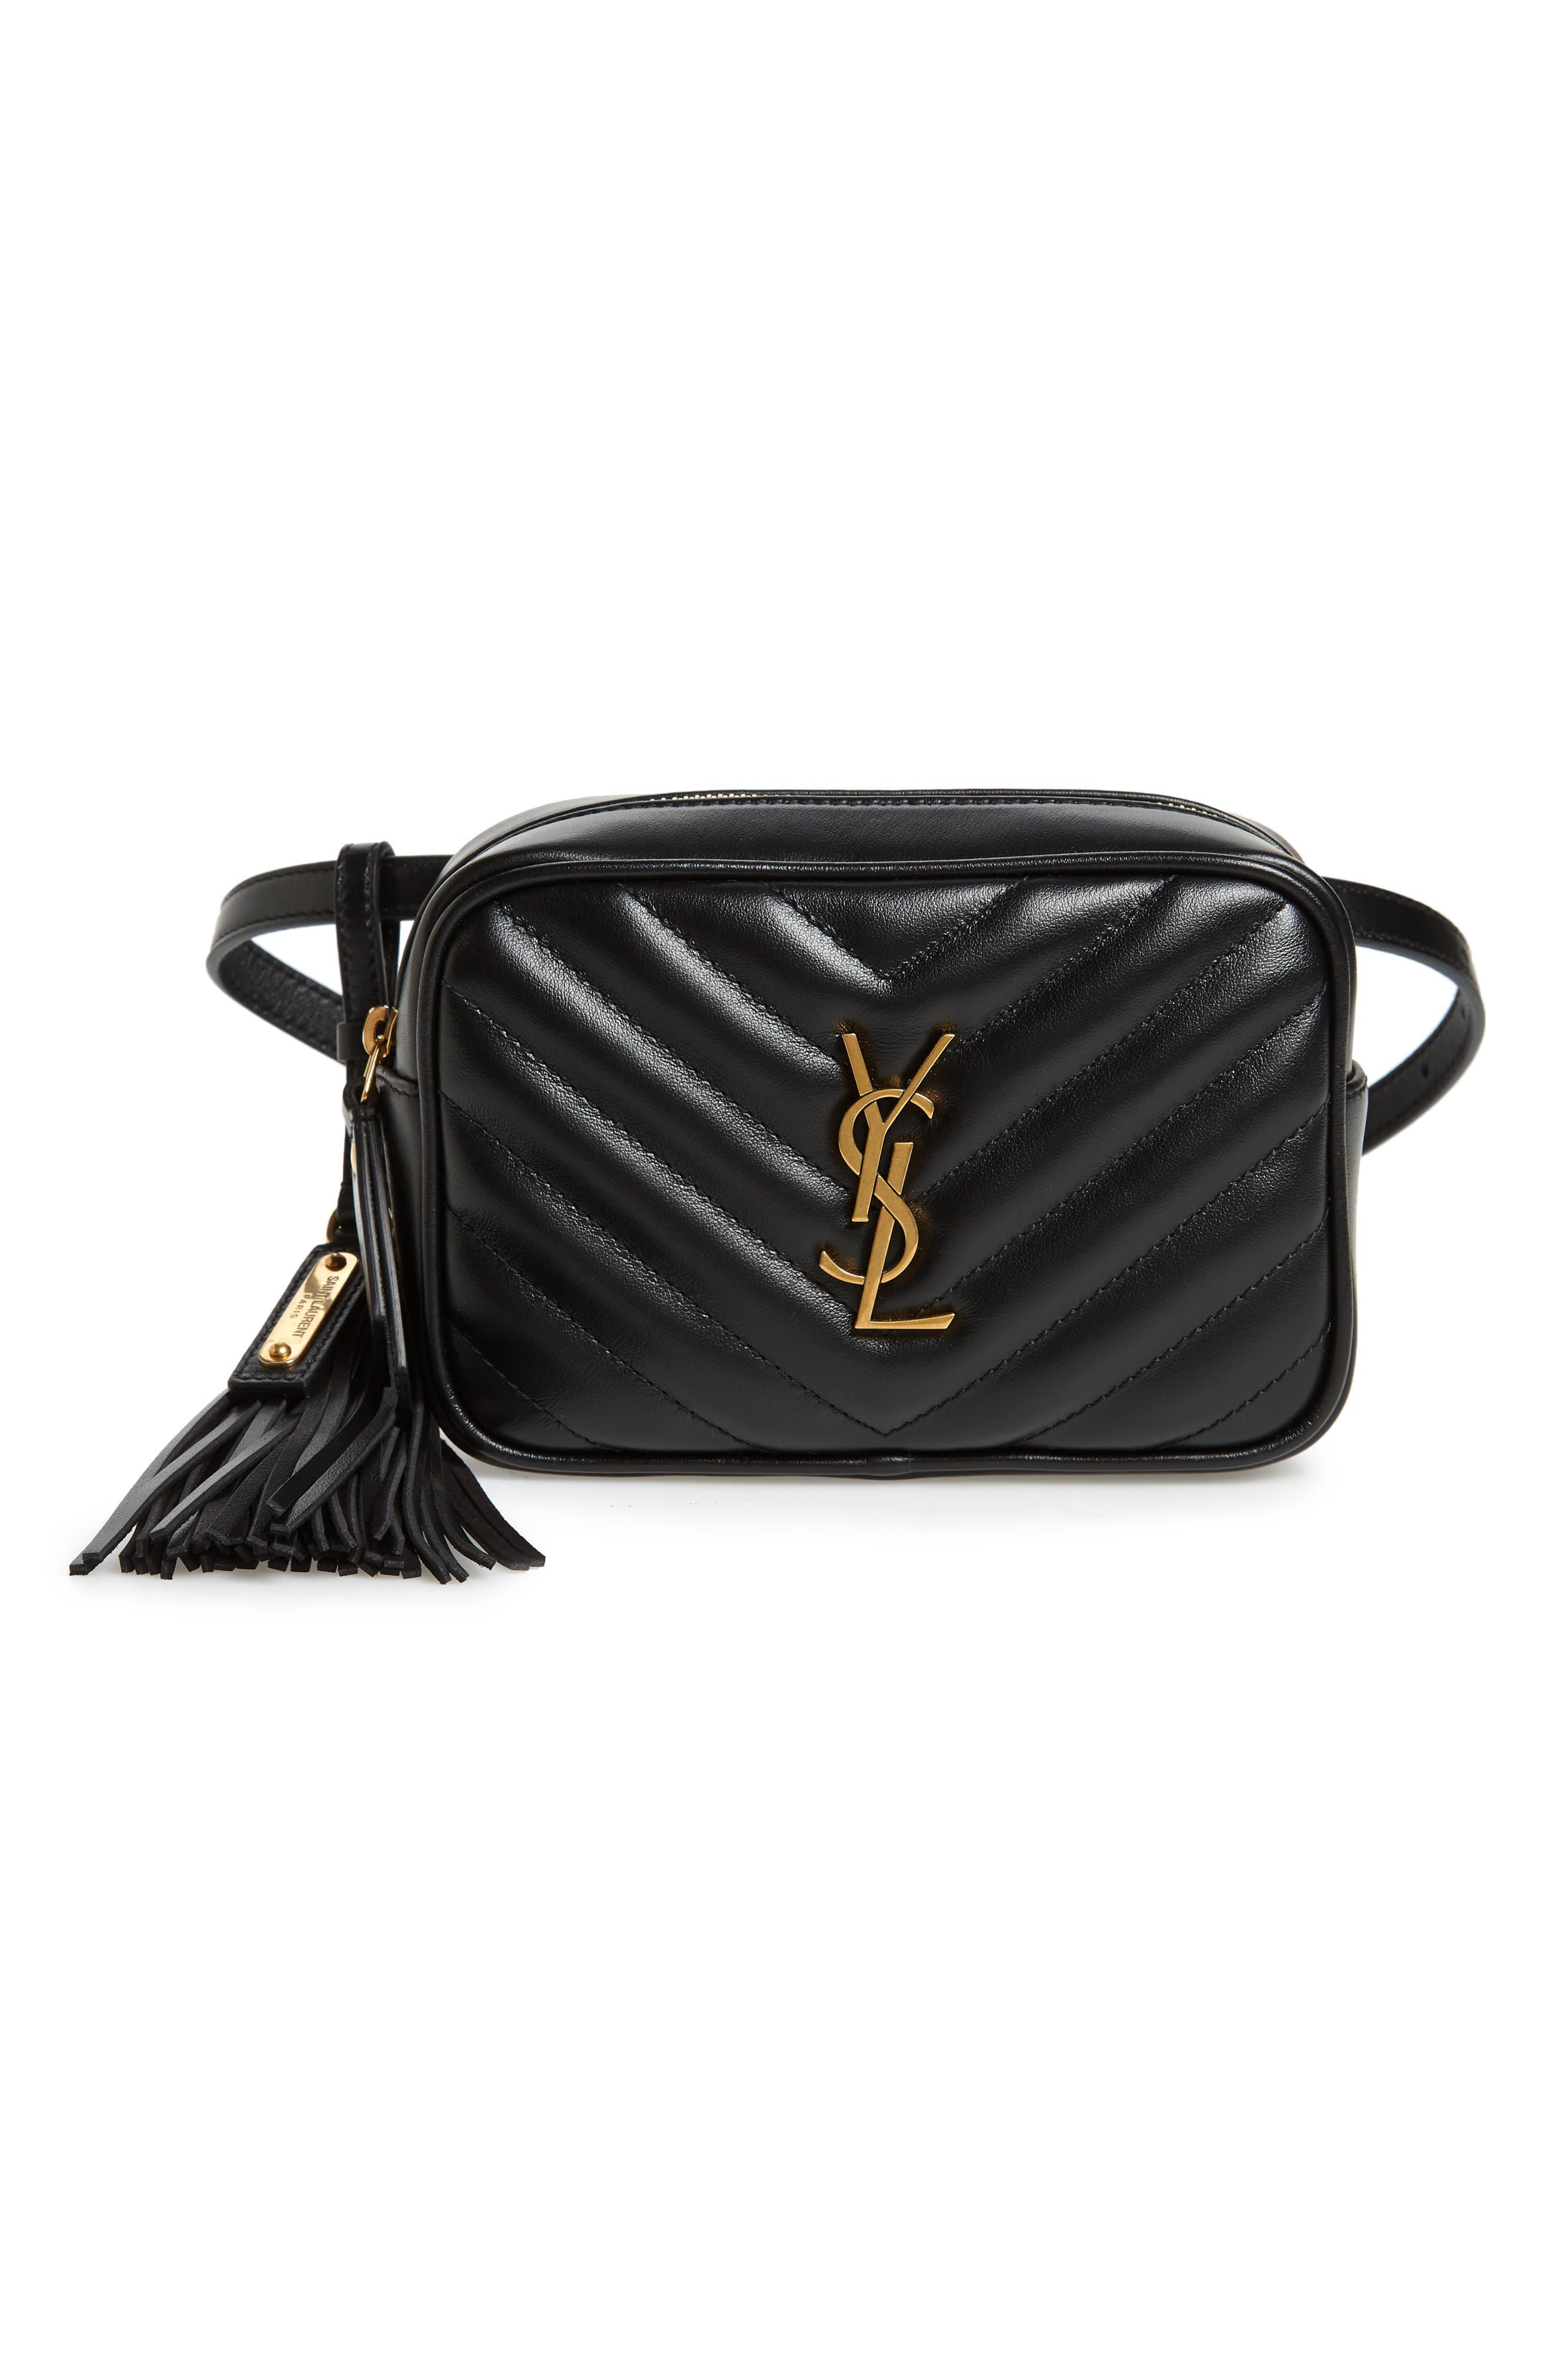 Loulou Matelassé Leather Belt Bag,                             Main thumbnail 1, color,                             001